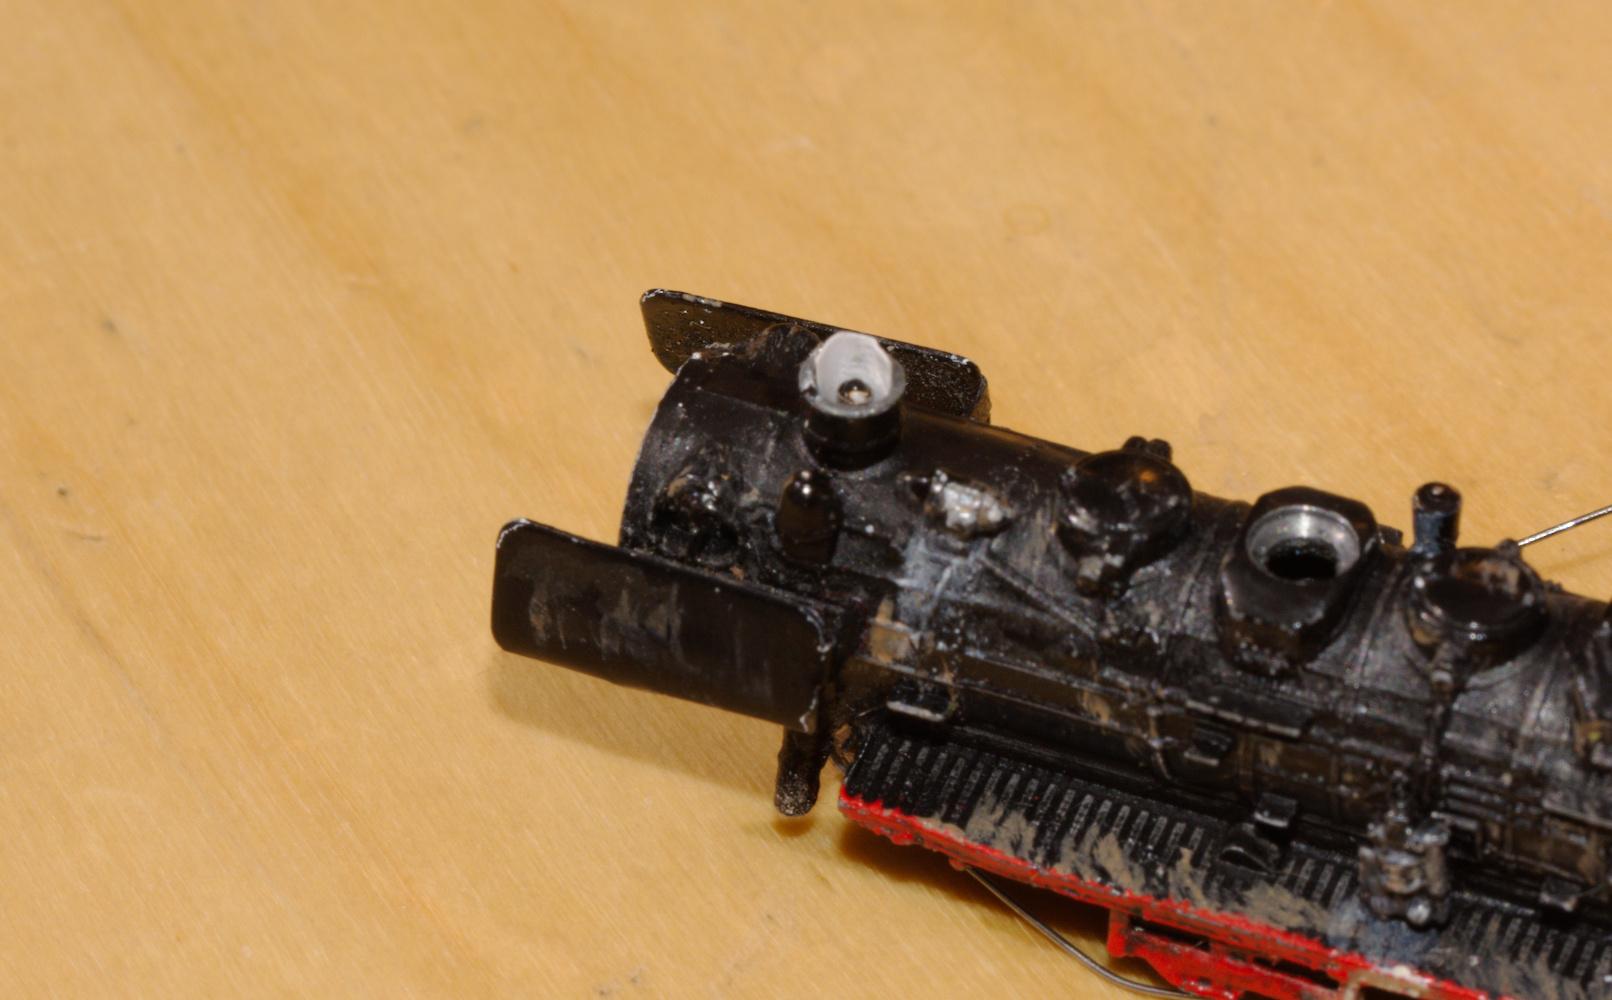 Reparatur eines Dampfgenerators